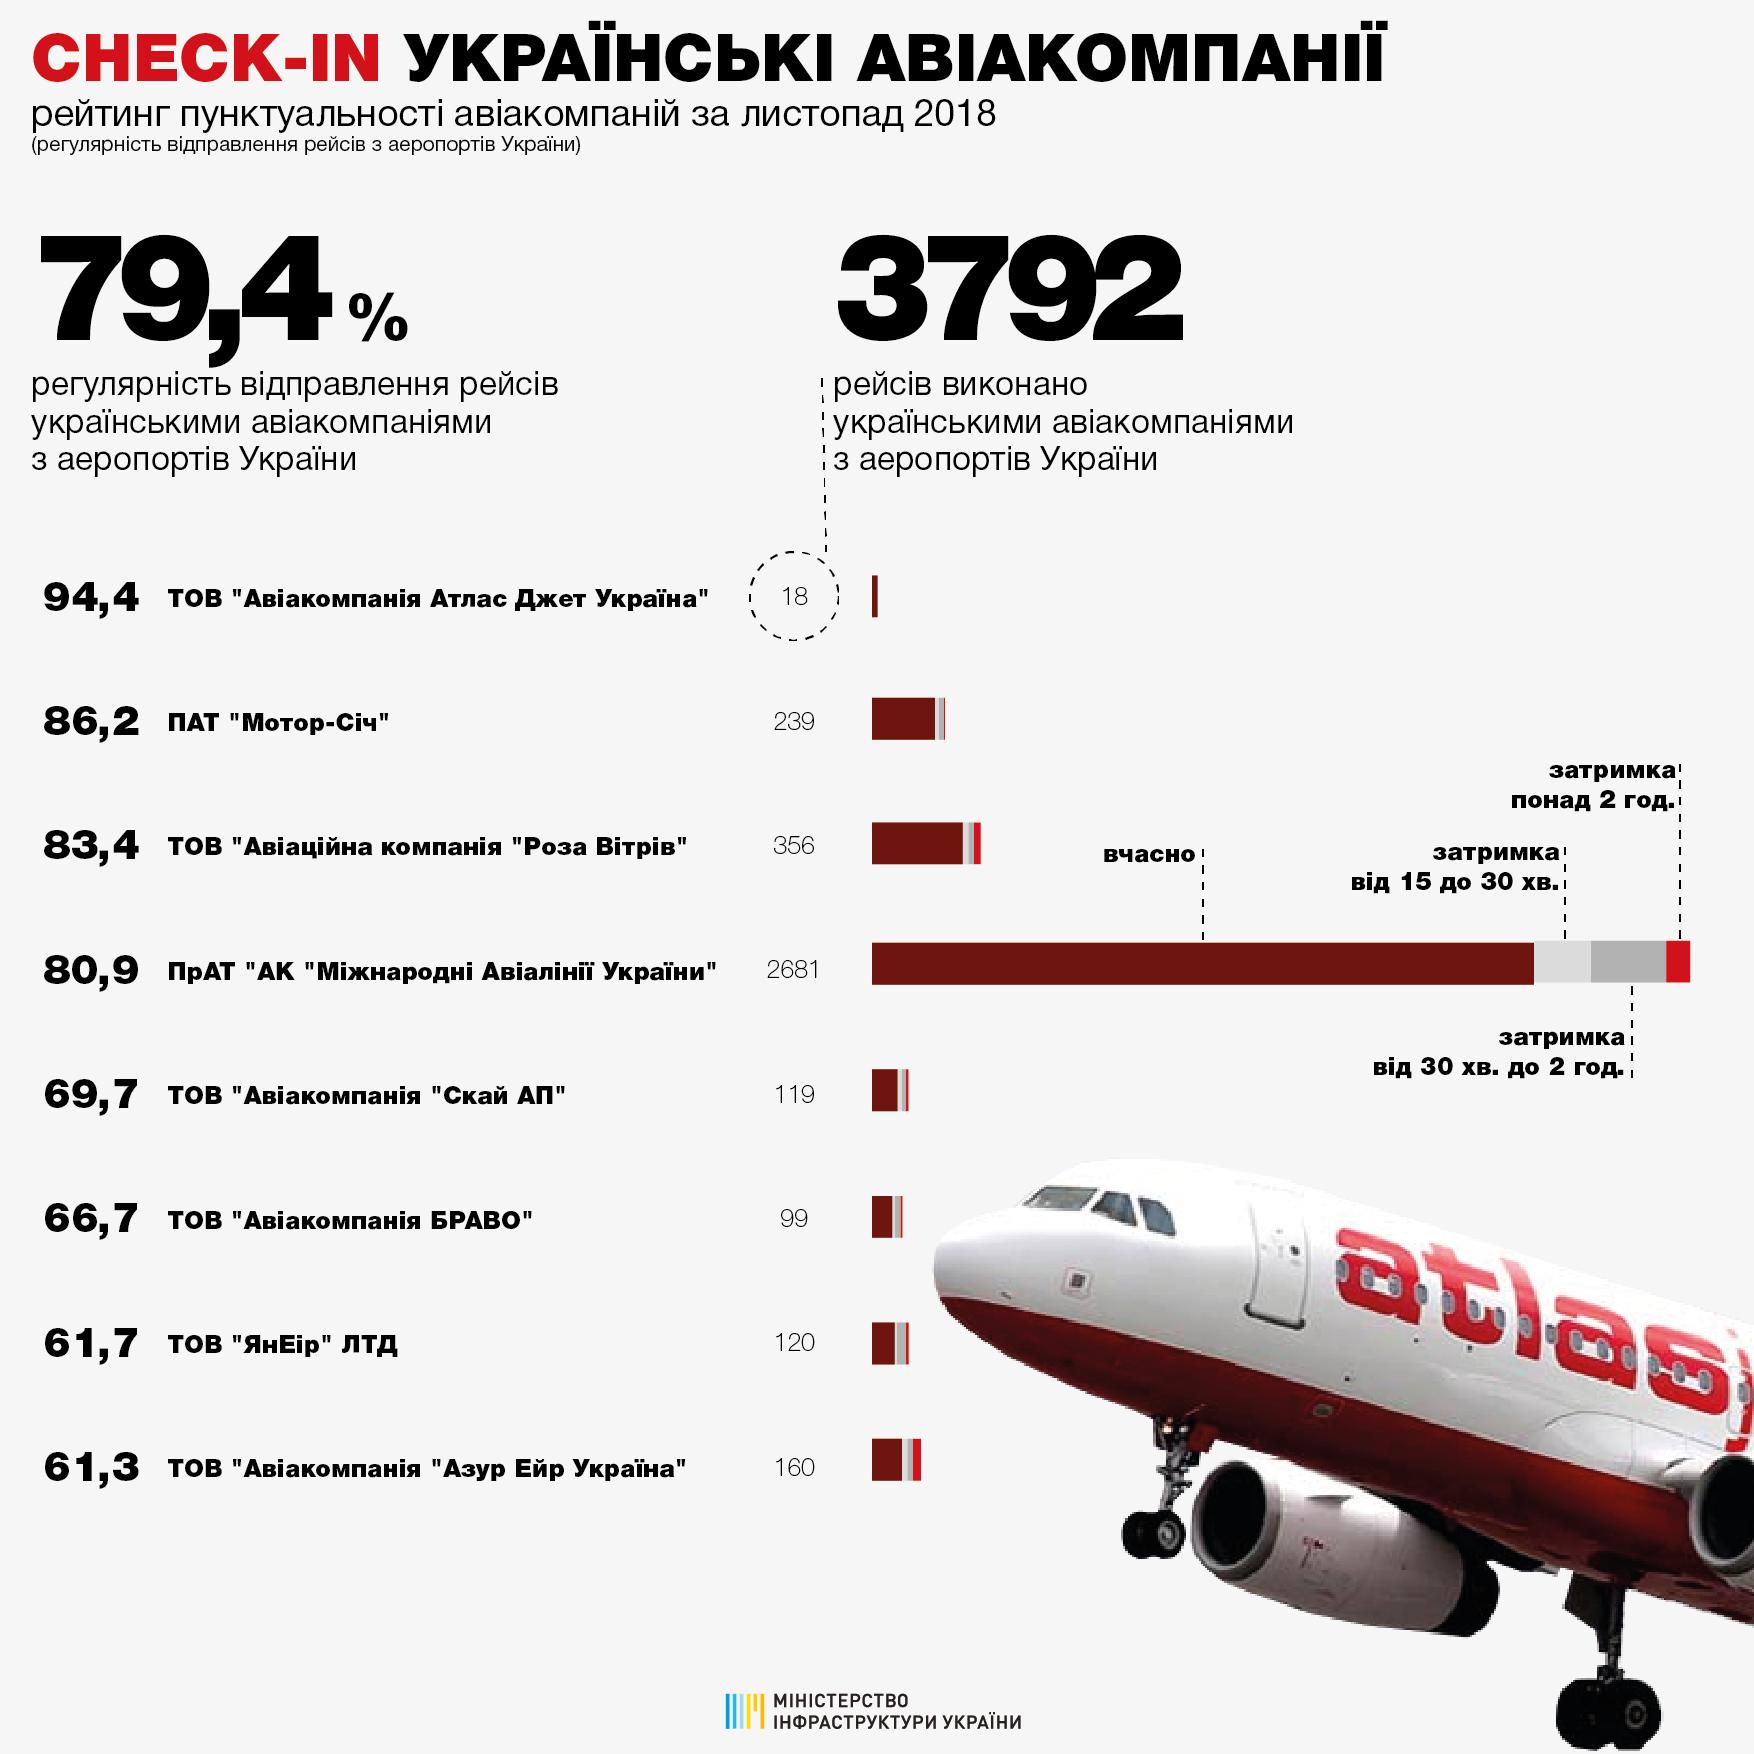 Рейтинг пунктуальности украинских авиакомпаний в ноябре 2018 года